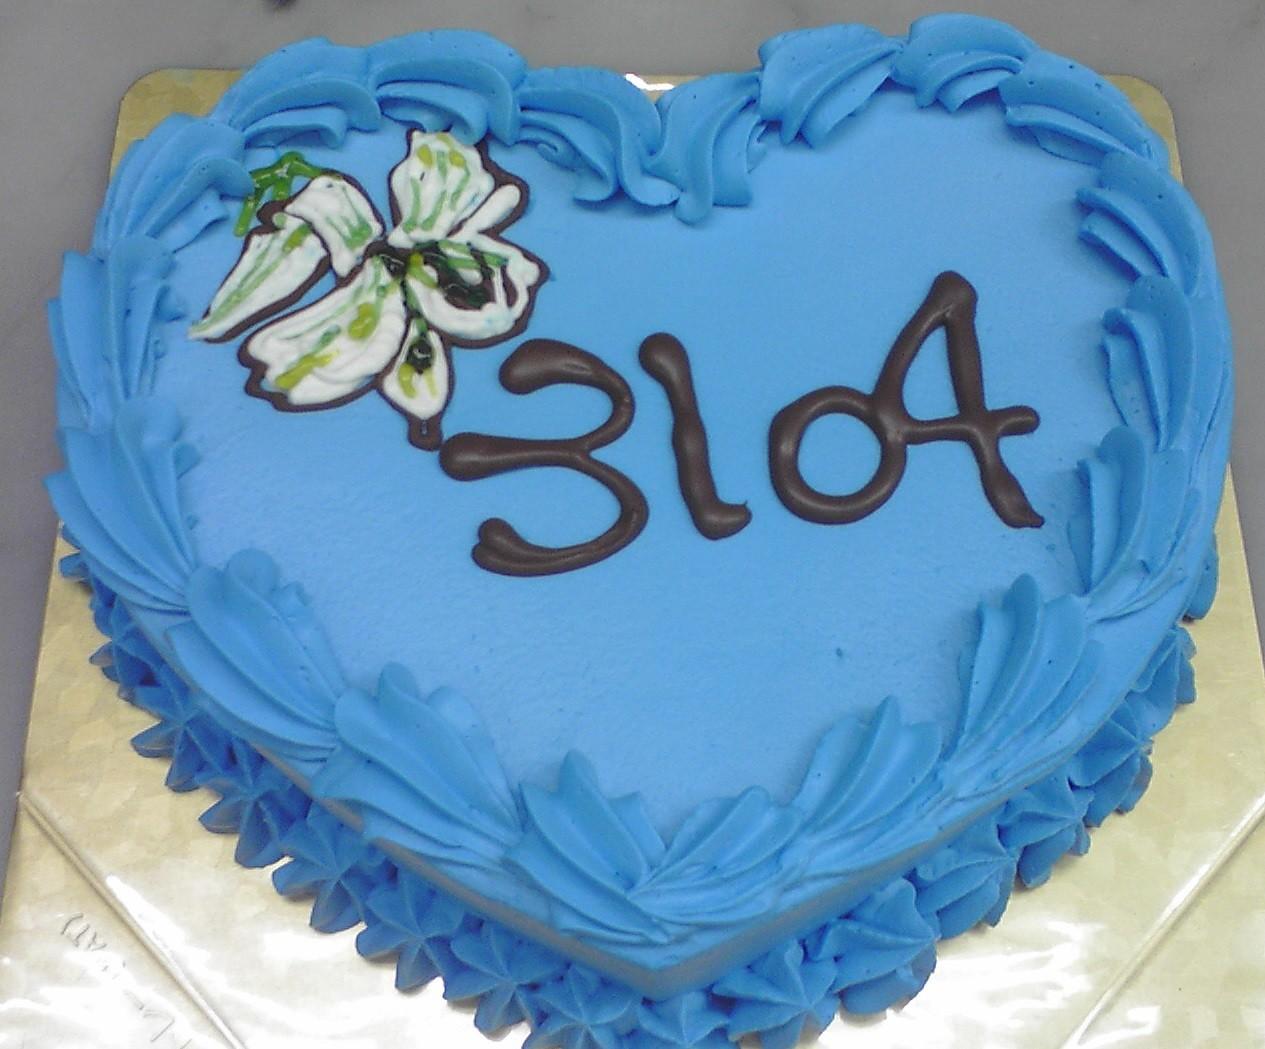 【京都市内 限定配送】【送料無料】パーティー用大型ケーキ 青色ハート形ケーキ